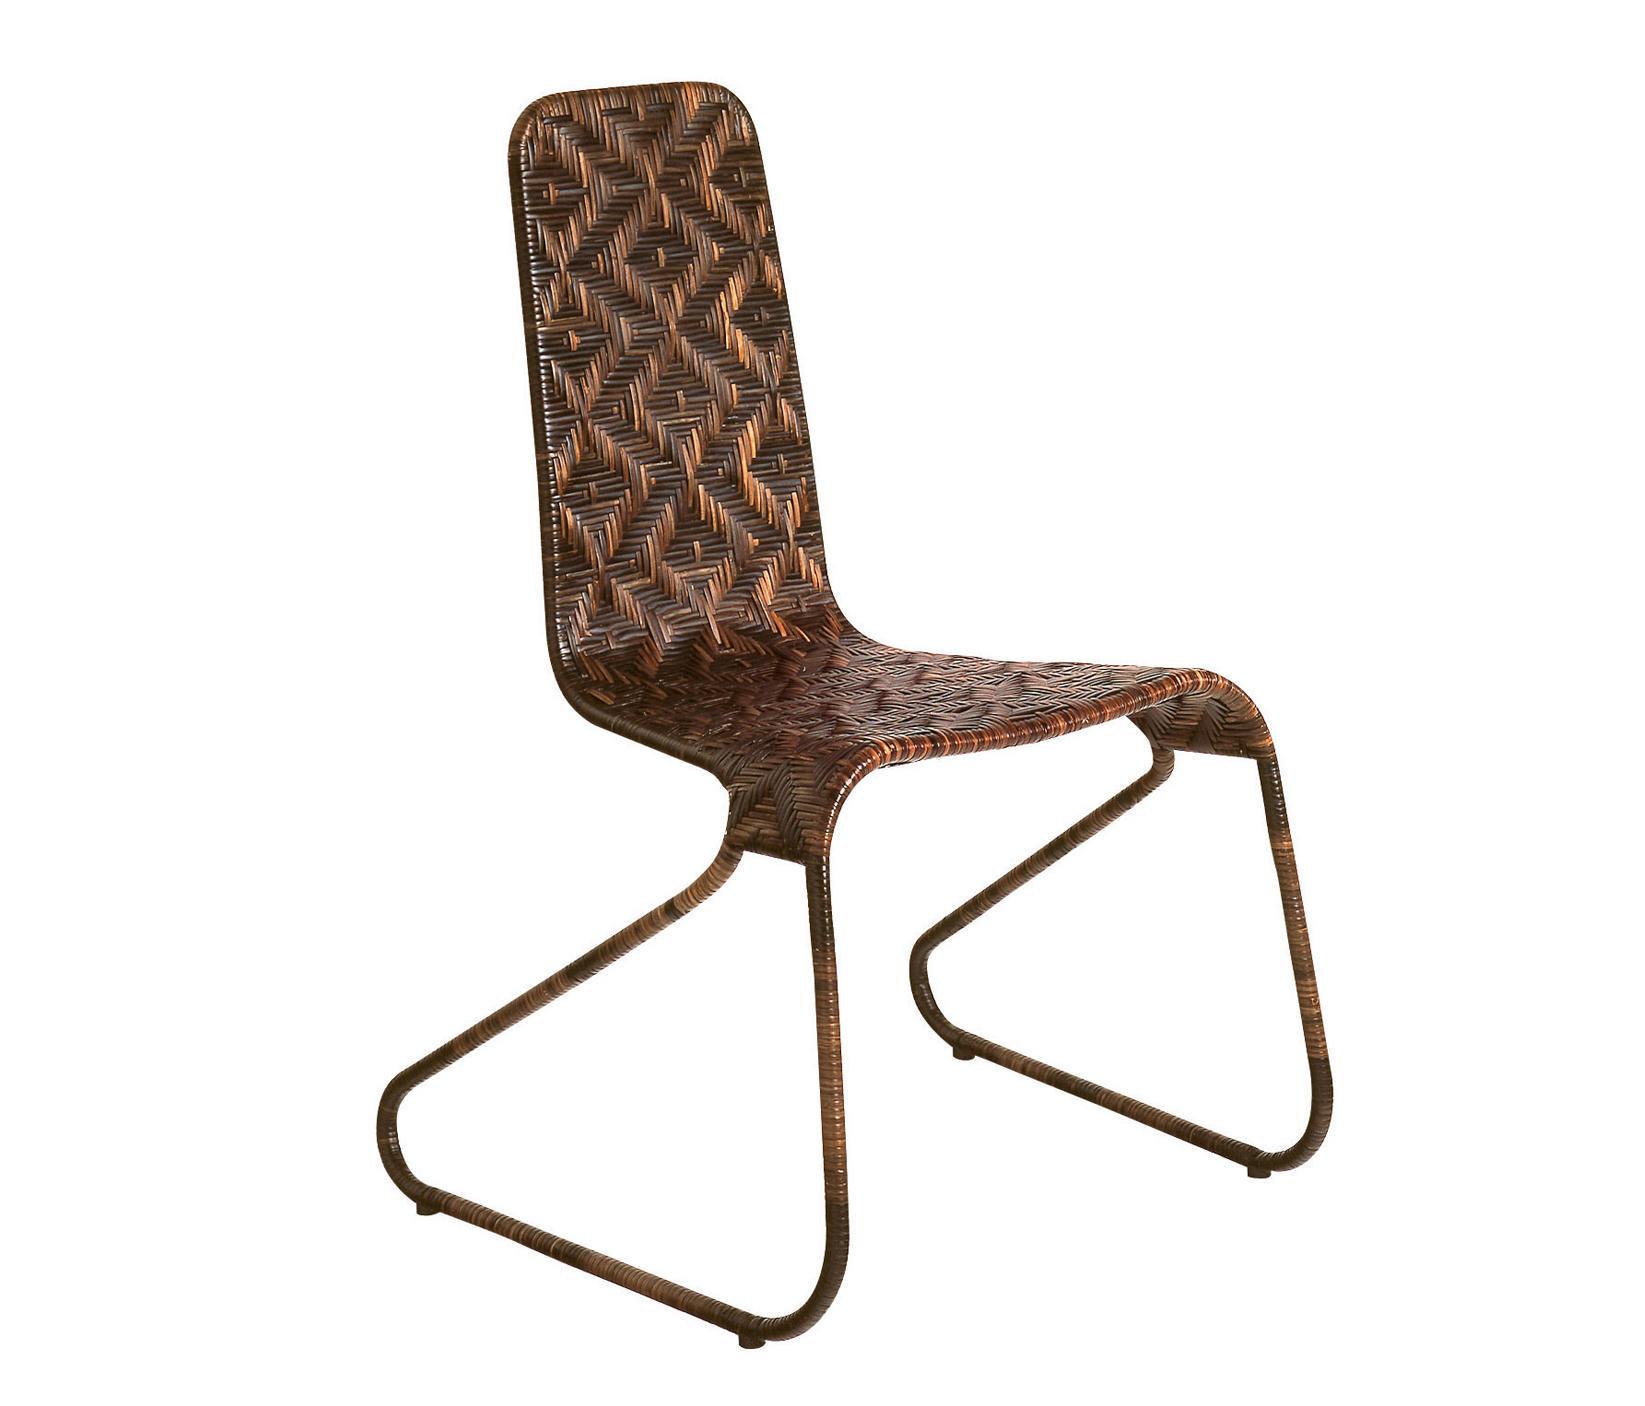 Flo chair by Driade